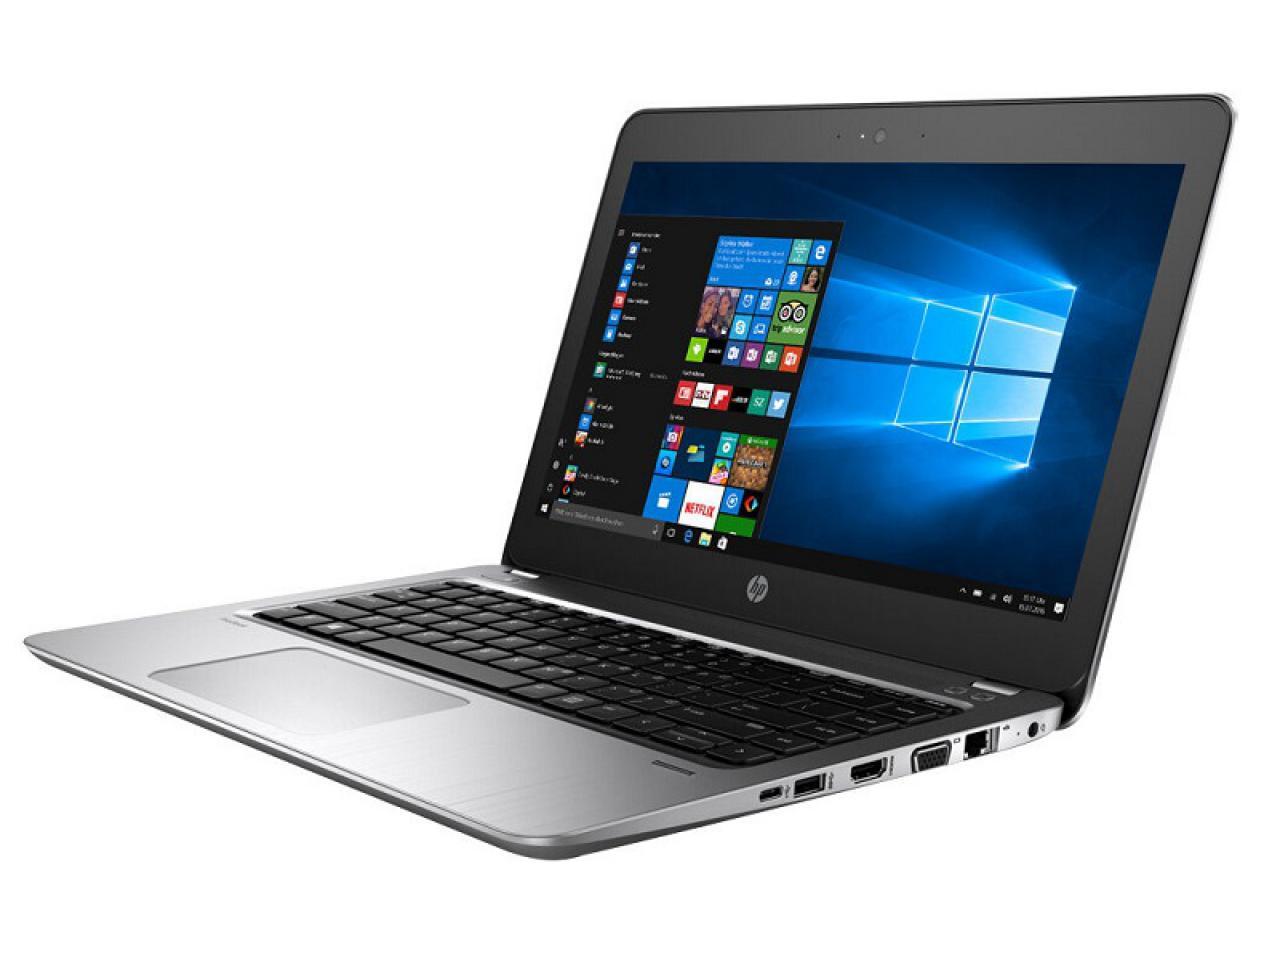 Hewlett Packard ProBook 430 G4  - shop.bb-net.de